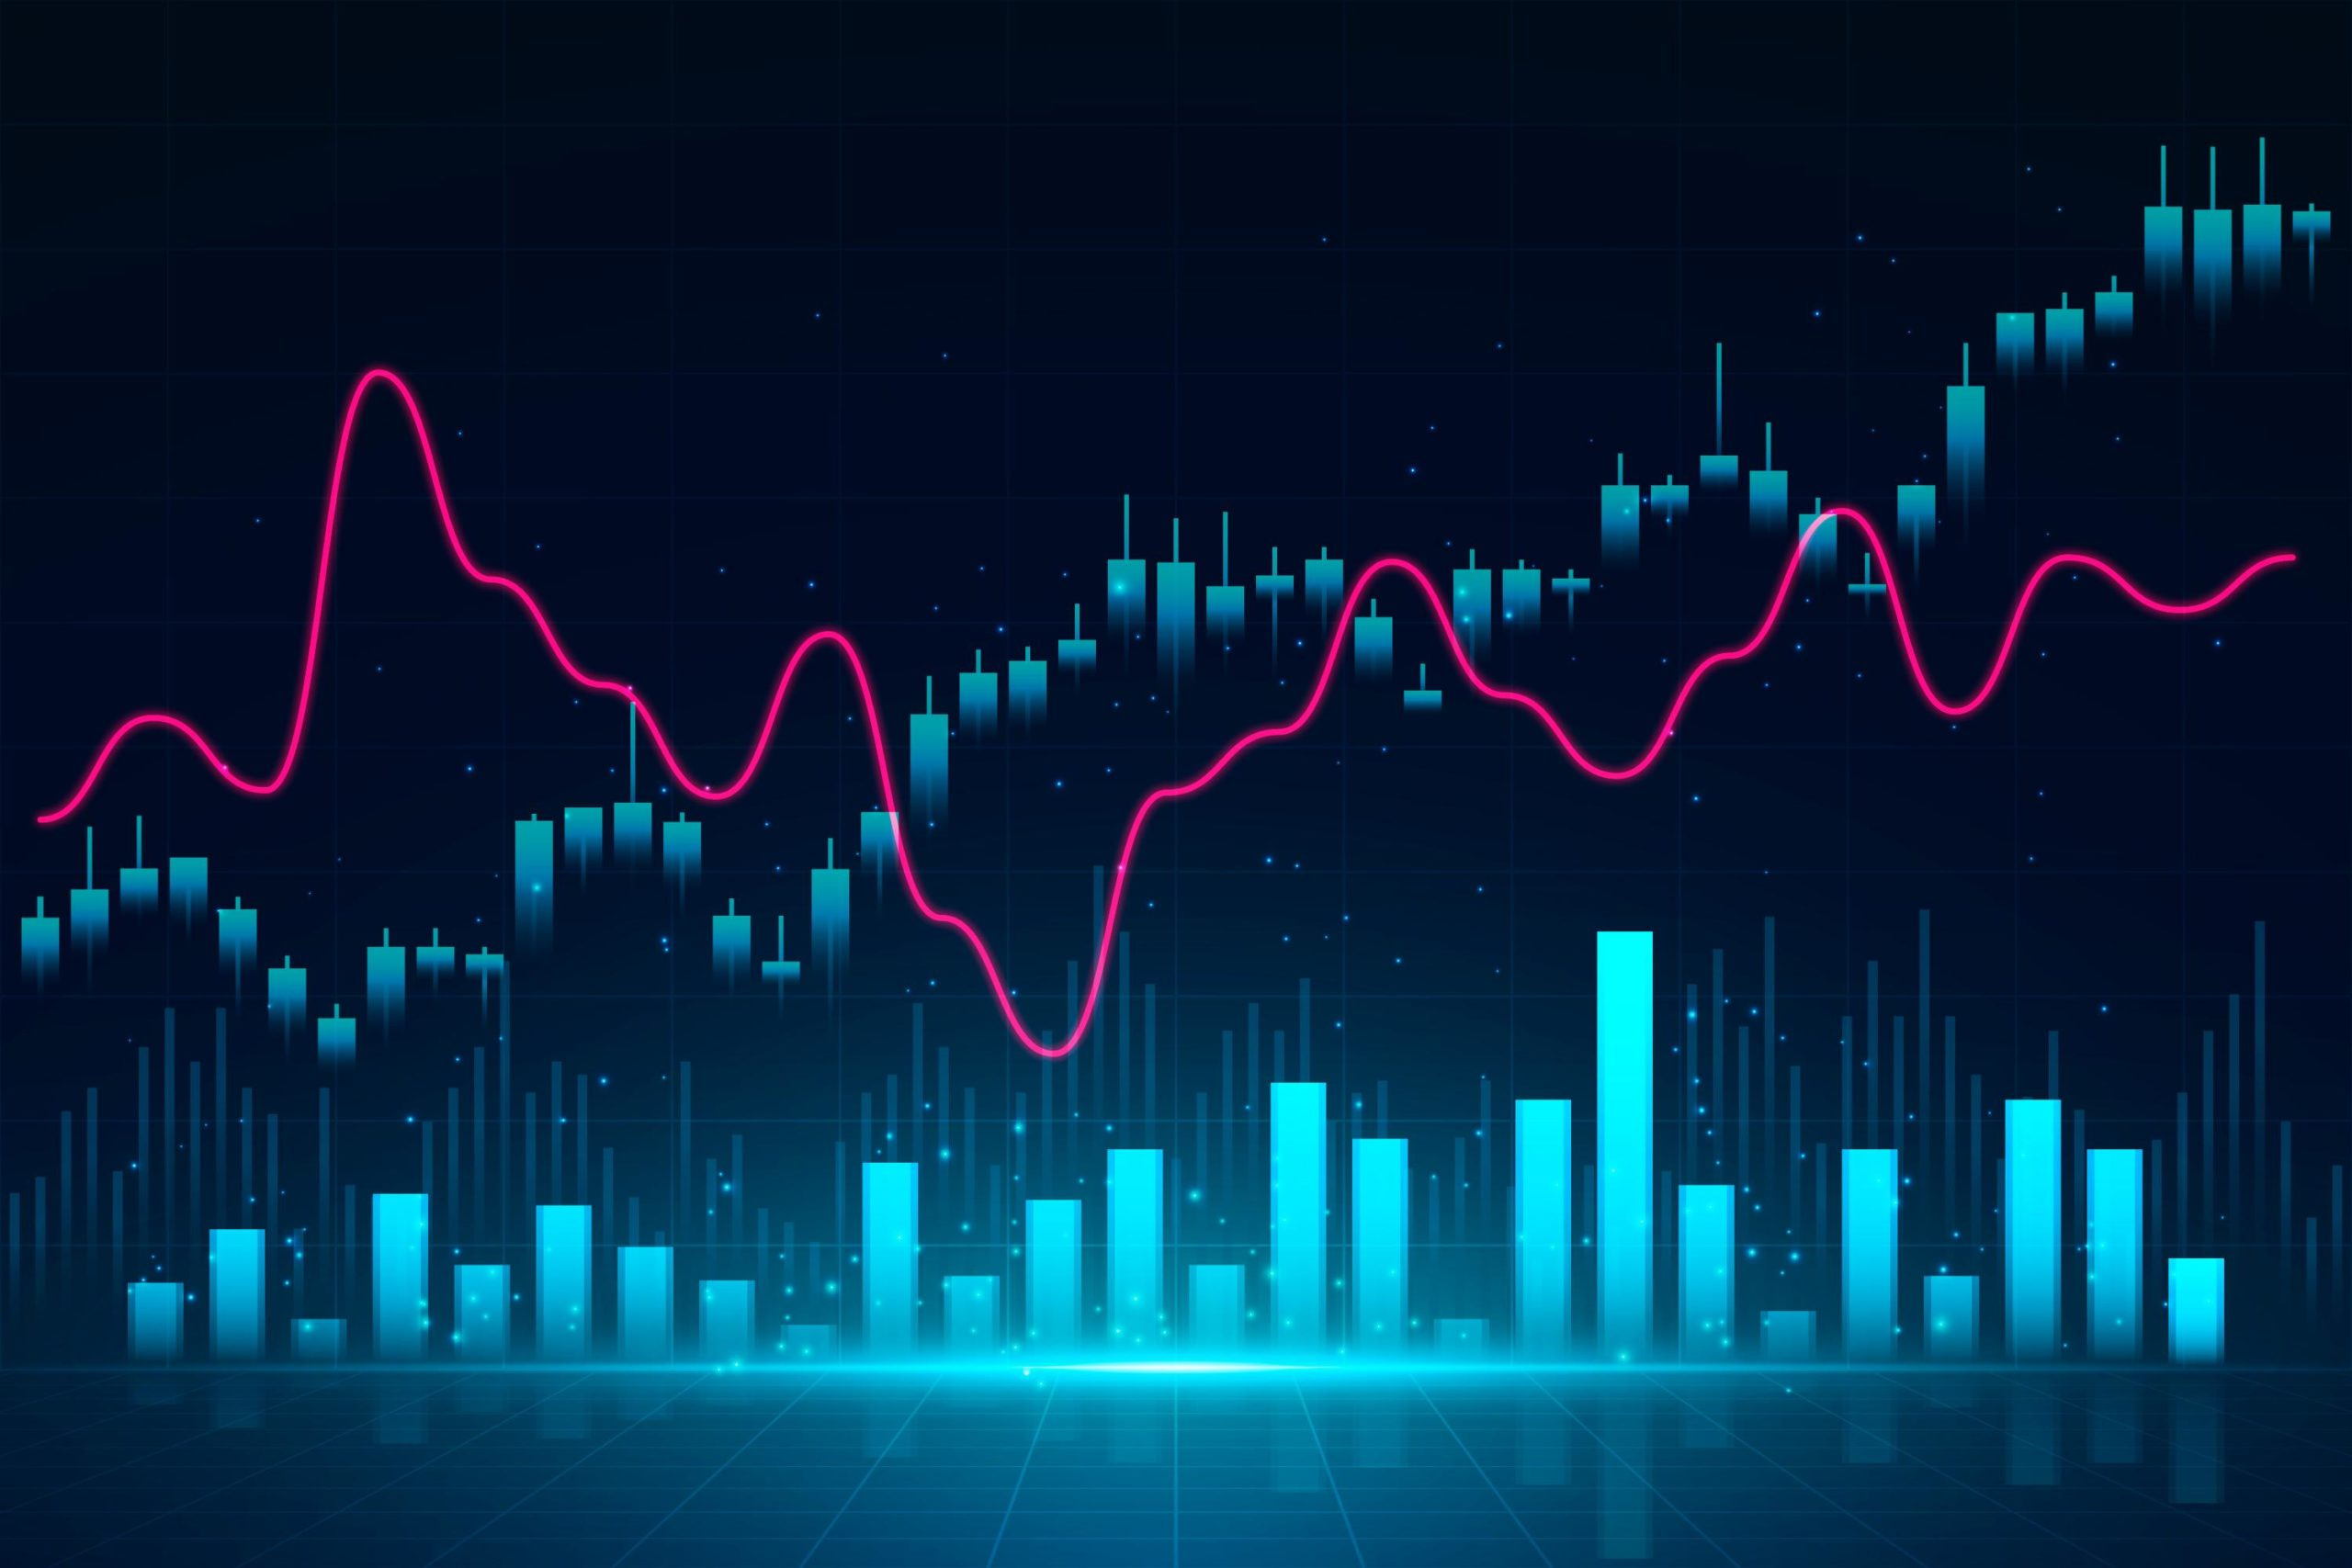 bitcoin fiyat analizi 13 eylul 2020